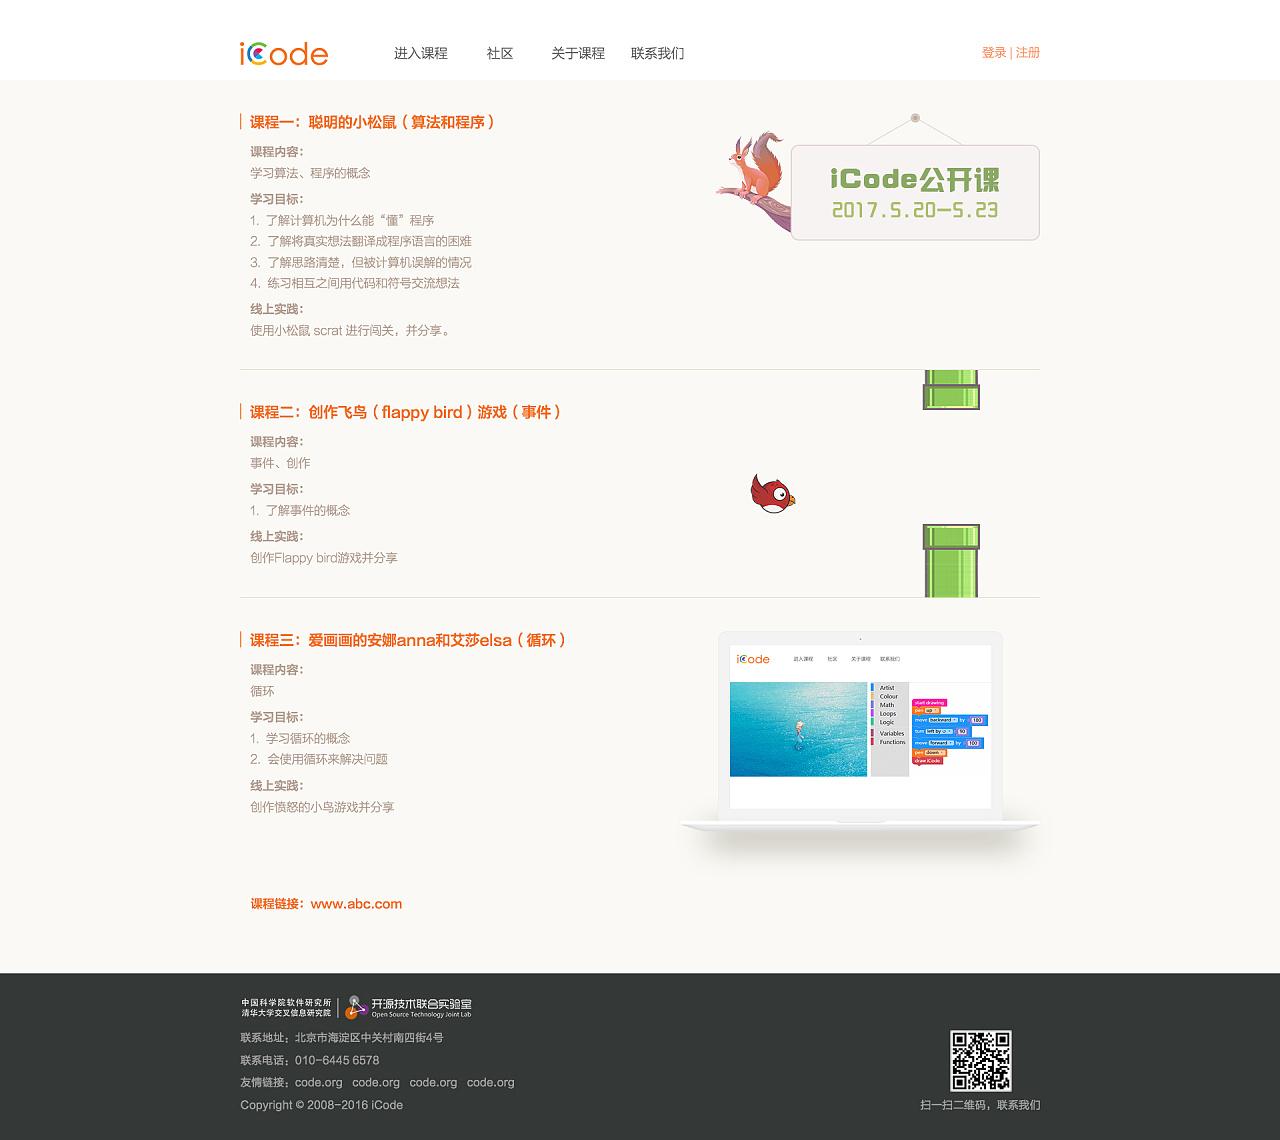 少儿编程网站设计 品牌logo设计